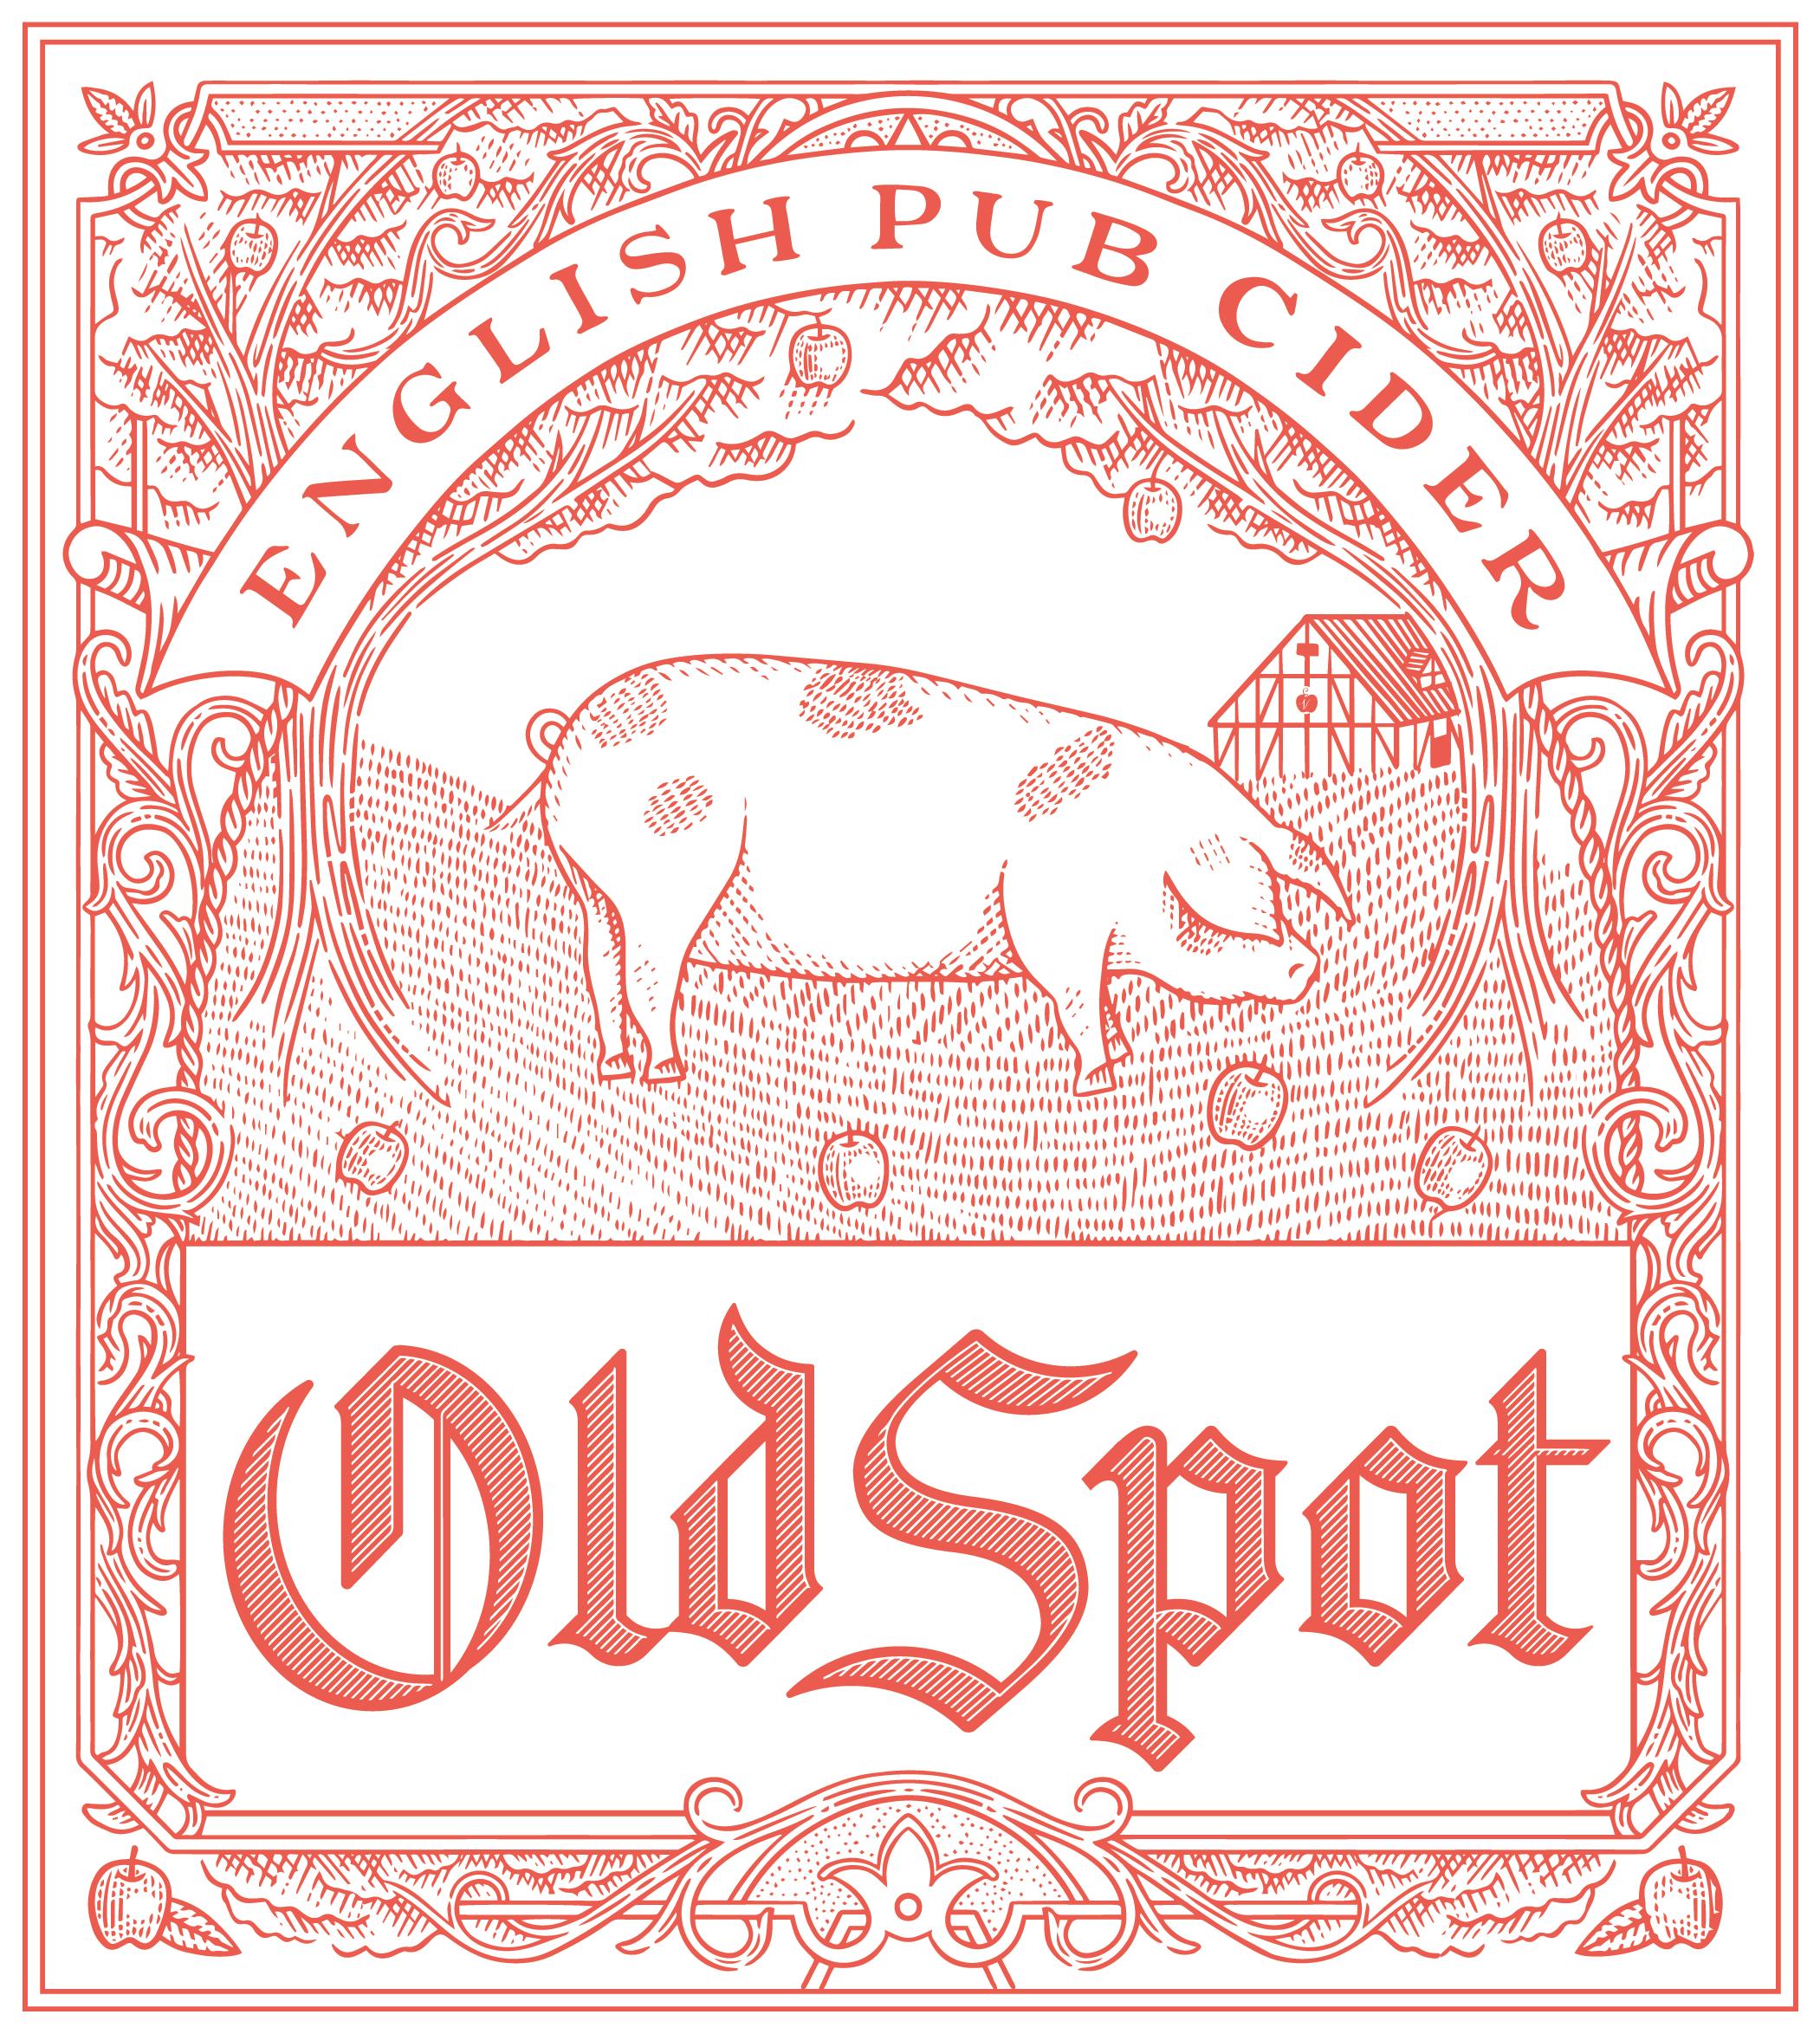 OldSpot Crest.png